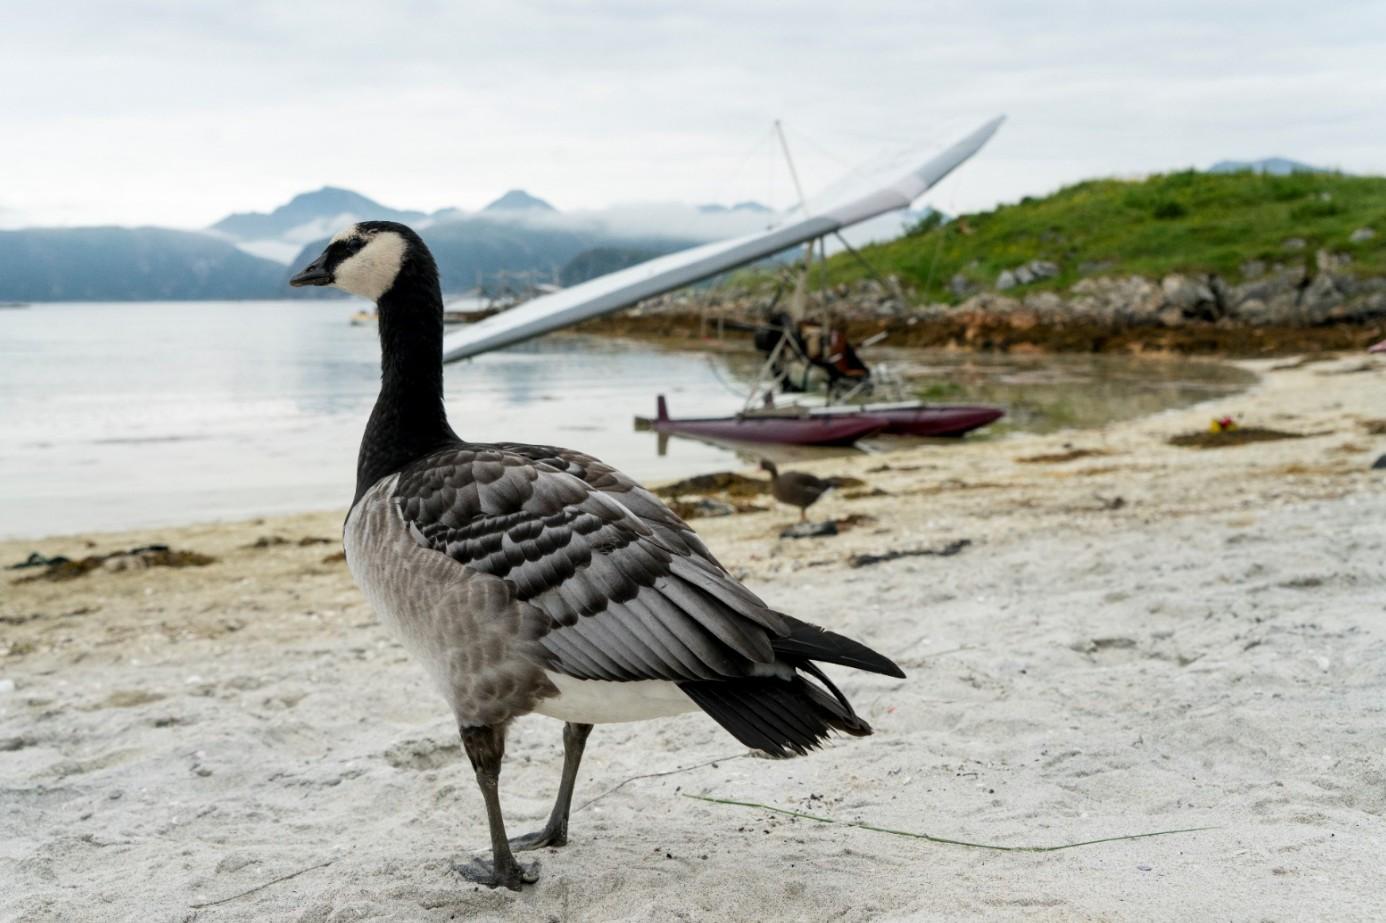 《迷雁返家路》稀有保育鳥種白頰黑雁因生物天性特殊幼鳥存活率低